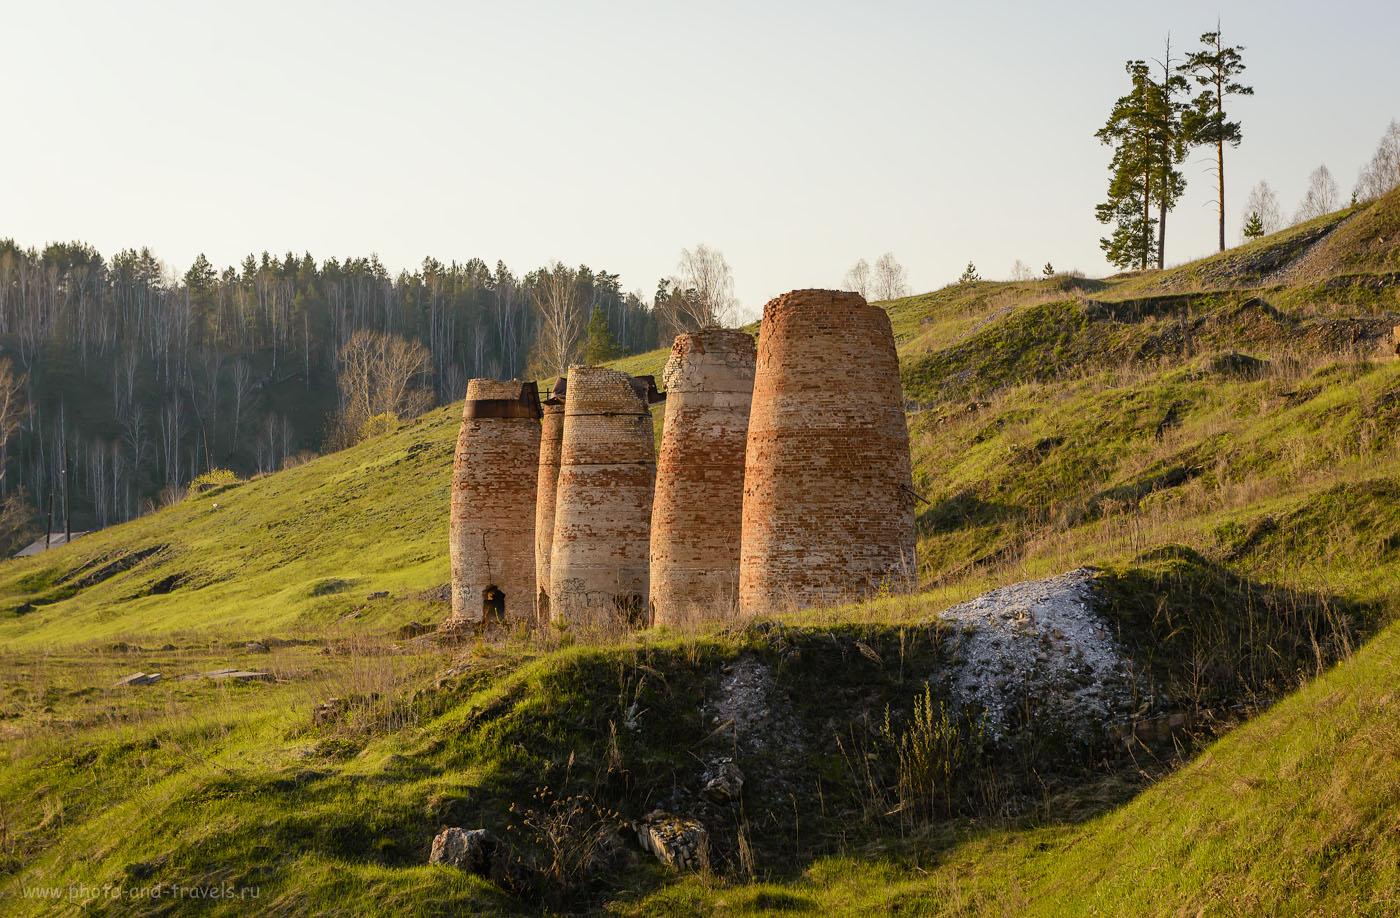 Фото 30. Старые печи по обжигу известняка в Челябинской области. Мне они напомнили родовые башни в Ингушетии. 1/320, -1.0, 8.0, 320, 70.